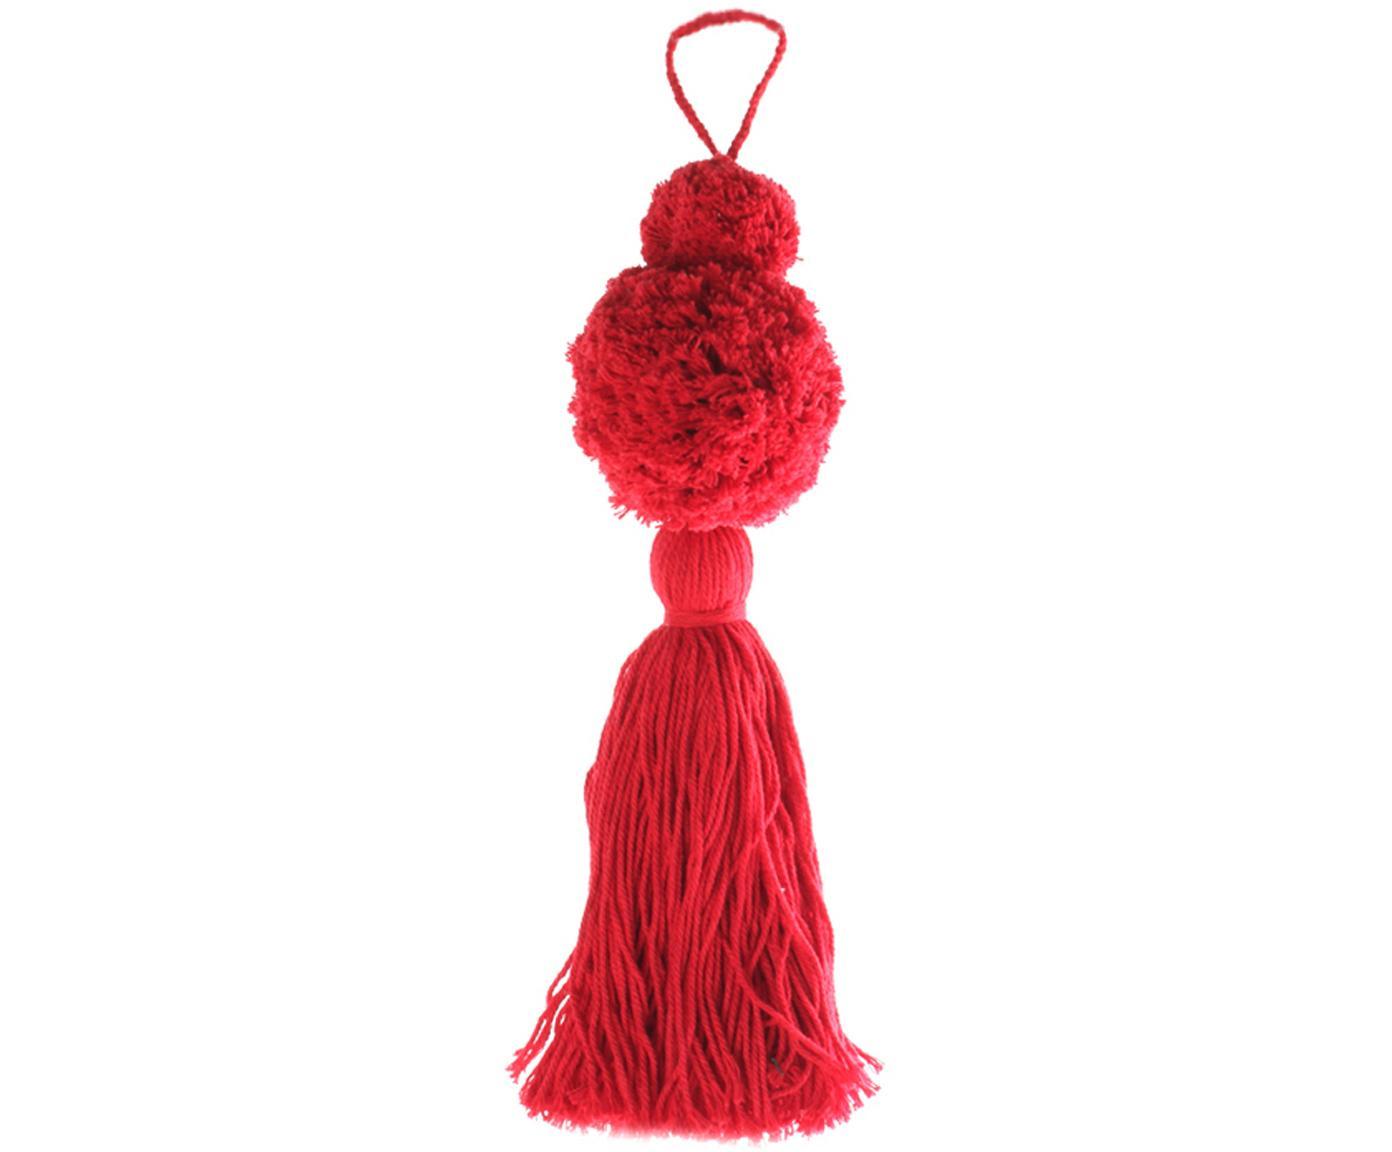 Adornos navideños Pompon, 2uds., Algodón, Rojo, Ø 8 x Al 37 cm